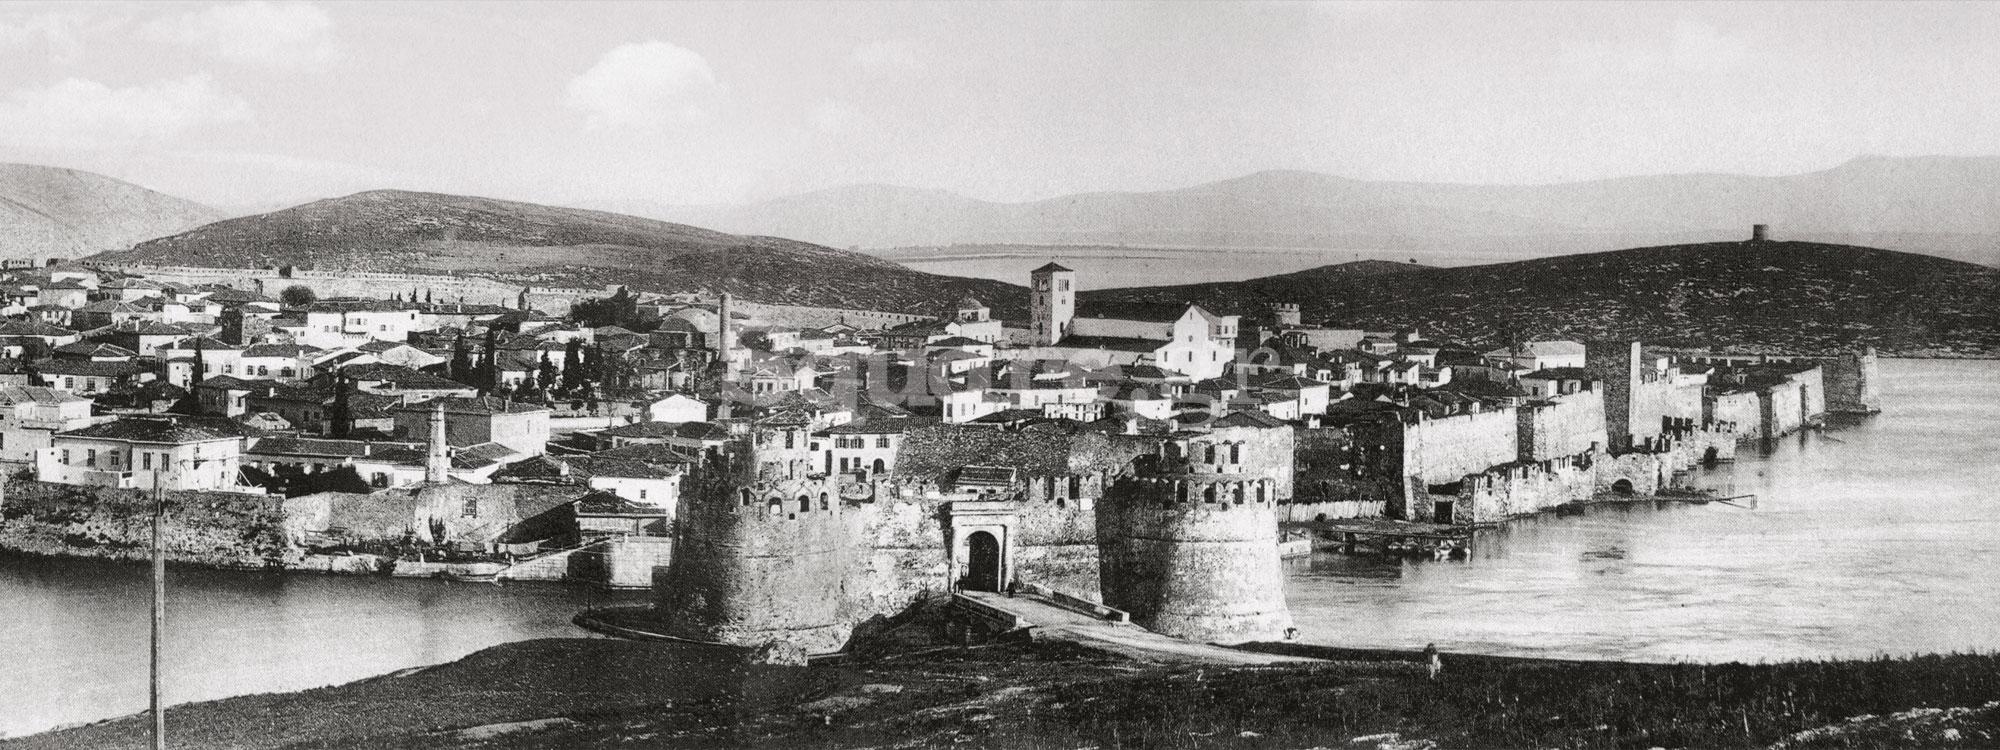 2-λεπτομέρεια-πανοραμικής-εικόνας-(1884-1890).-Συλλογή-Μ.-Γ